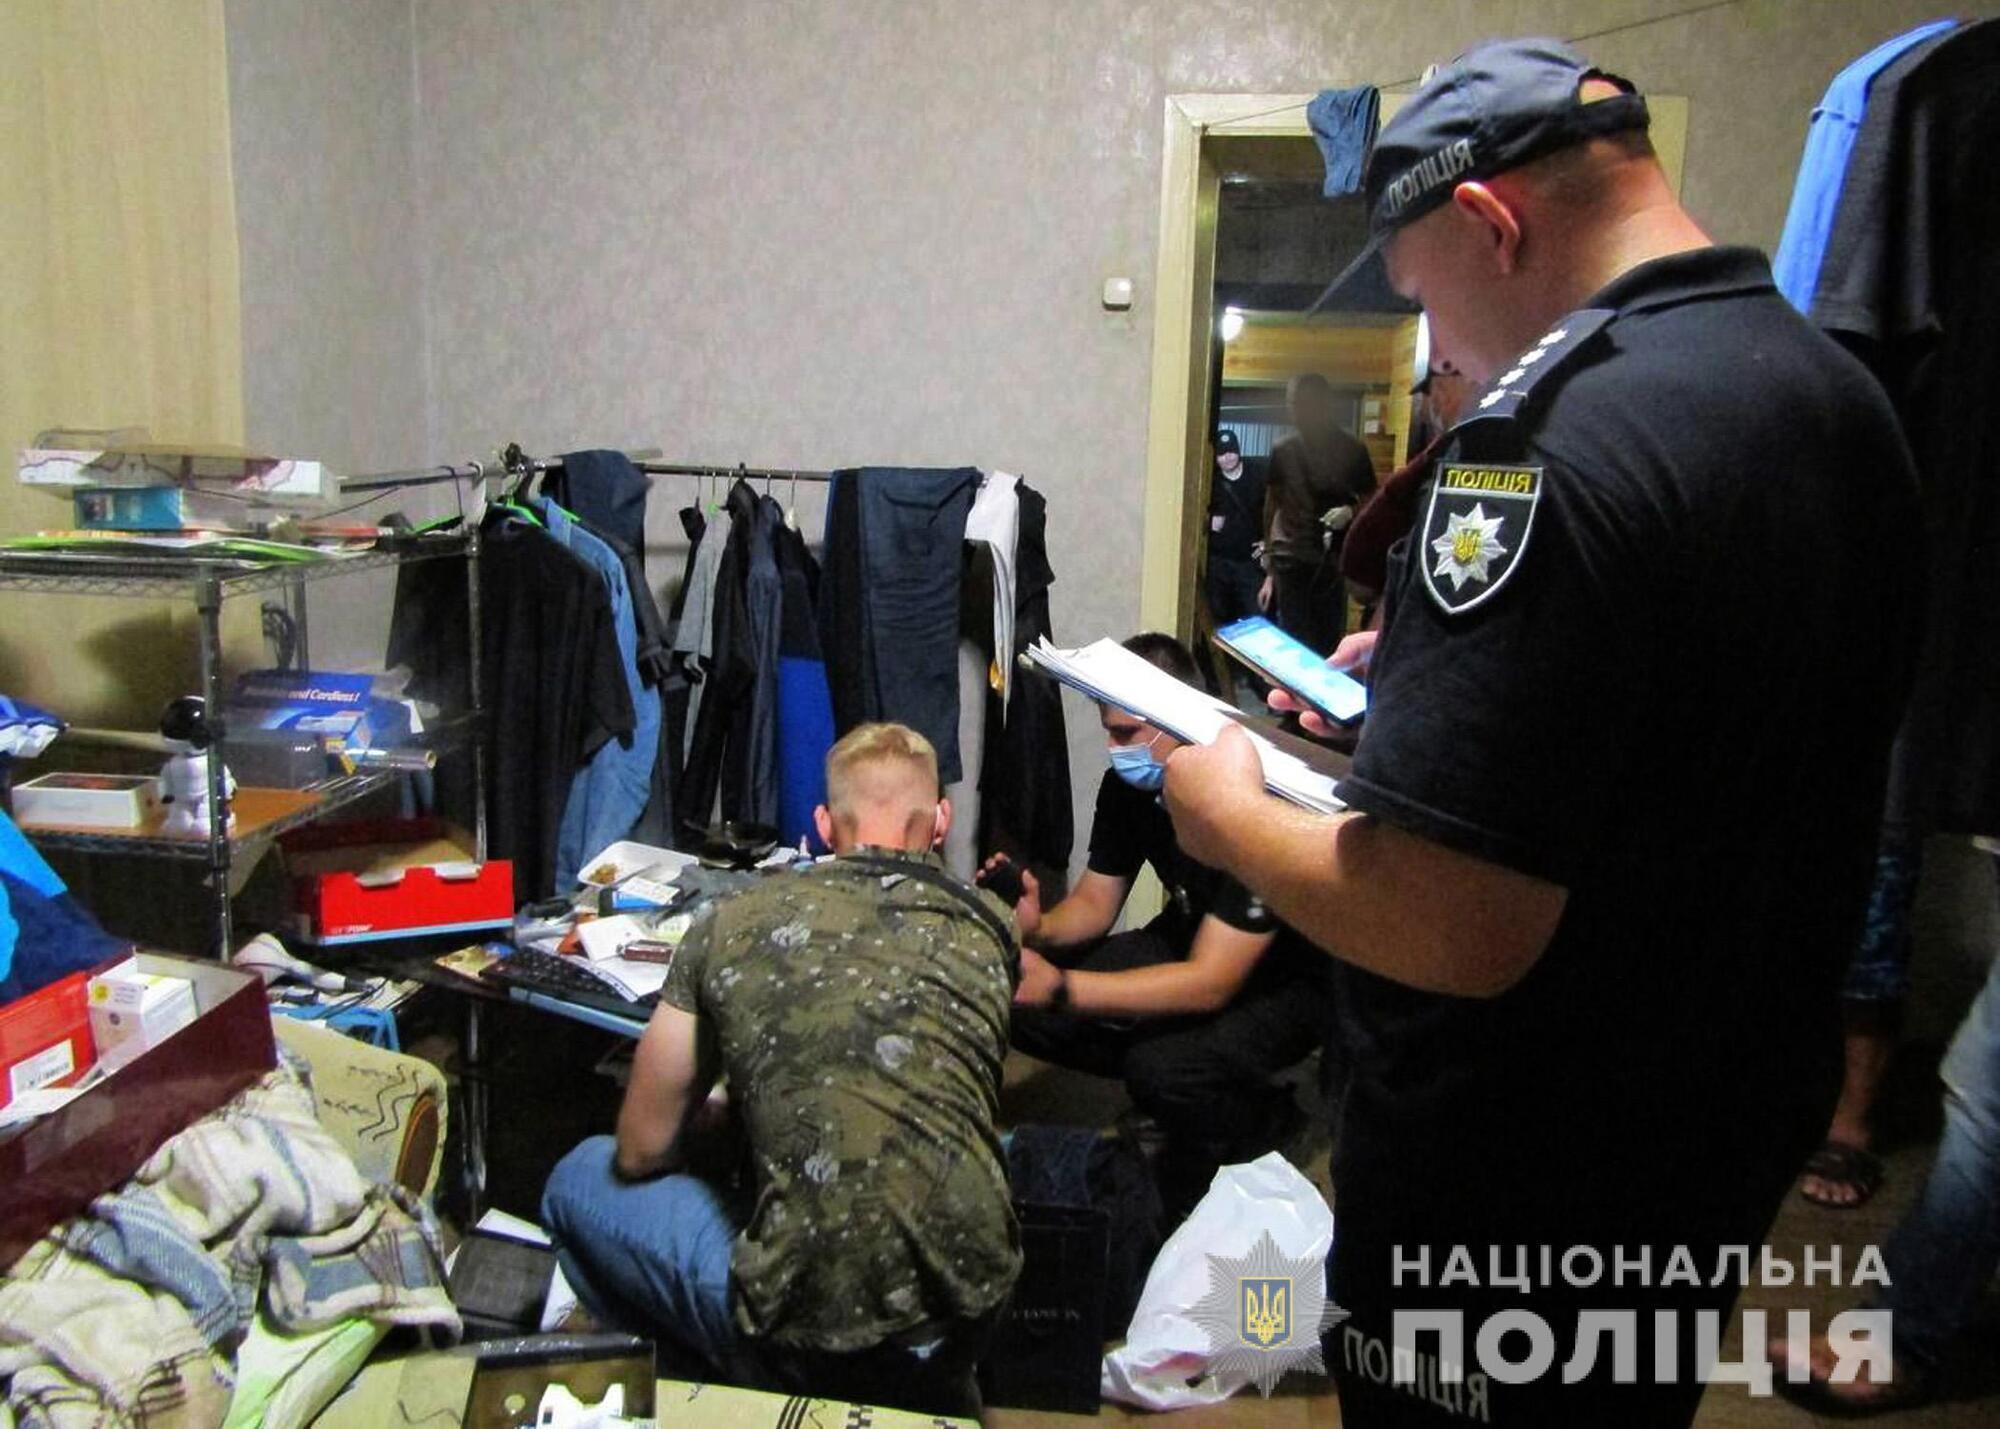 Правоохоронці затримали 54-річного чоловіка, який заманив до себе додому 13-річну дівчинку.